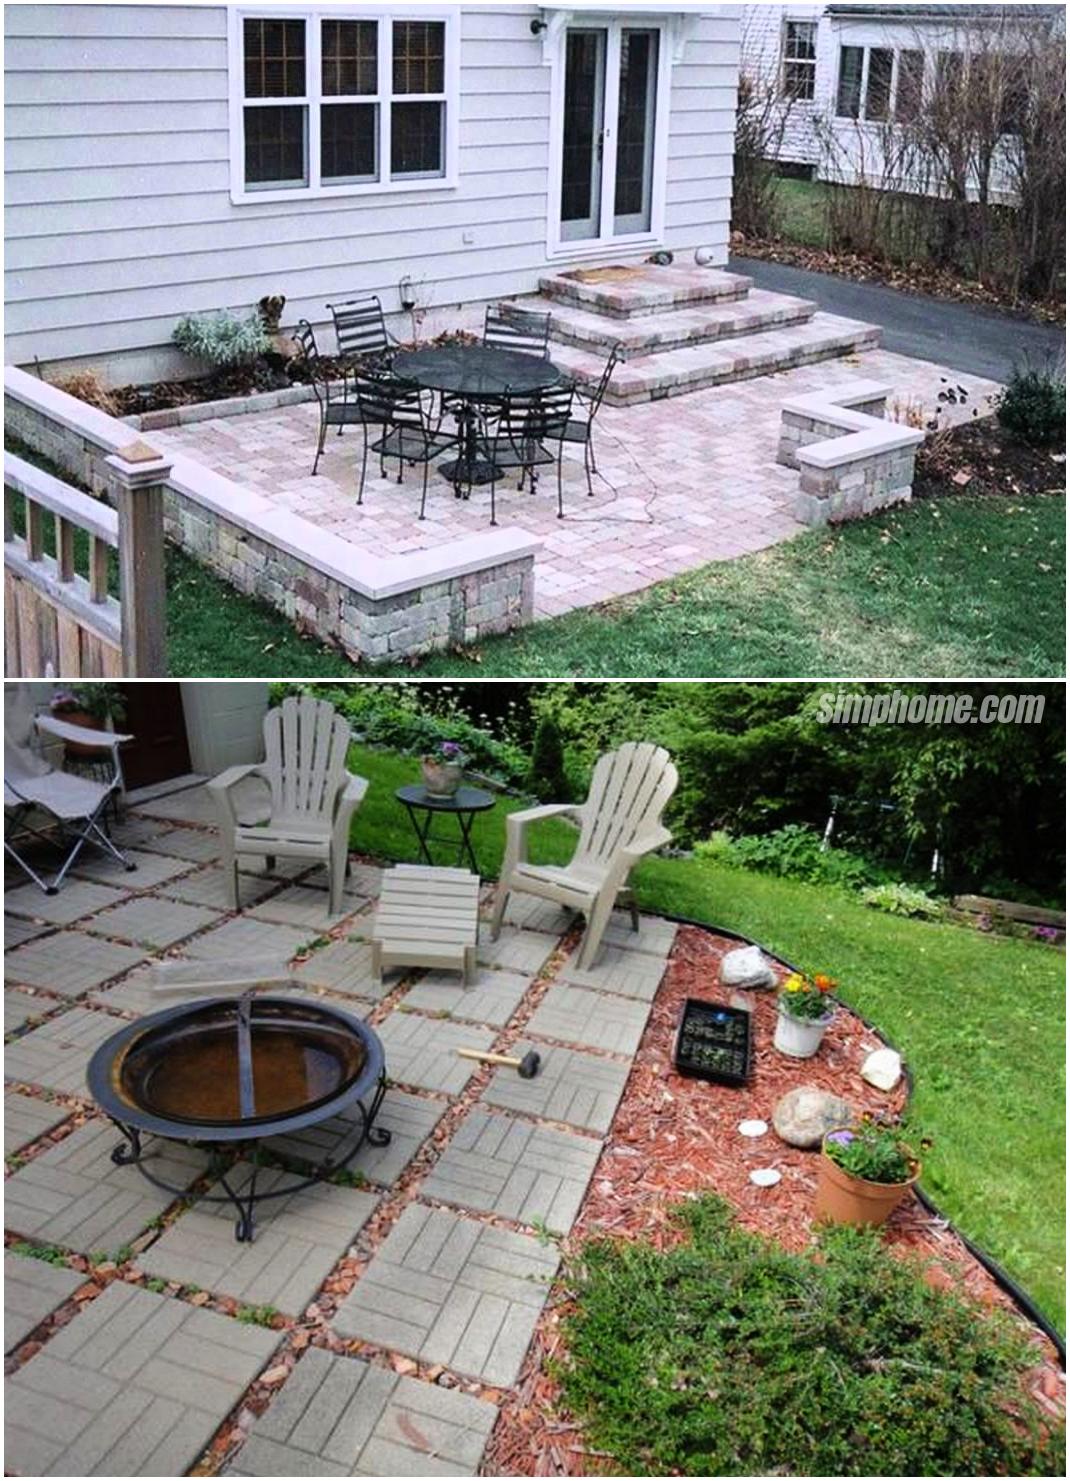 25.SIMPHOME.COM Genius Ideas How to Make Concrete Patio Ideas for Small Backyards